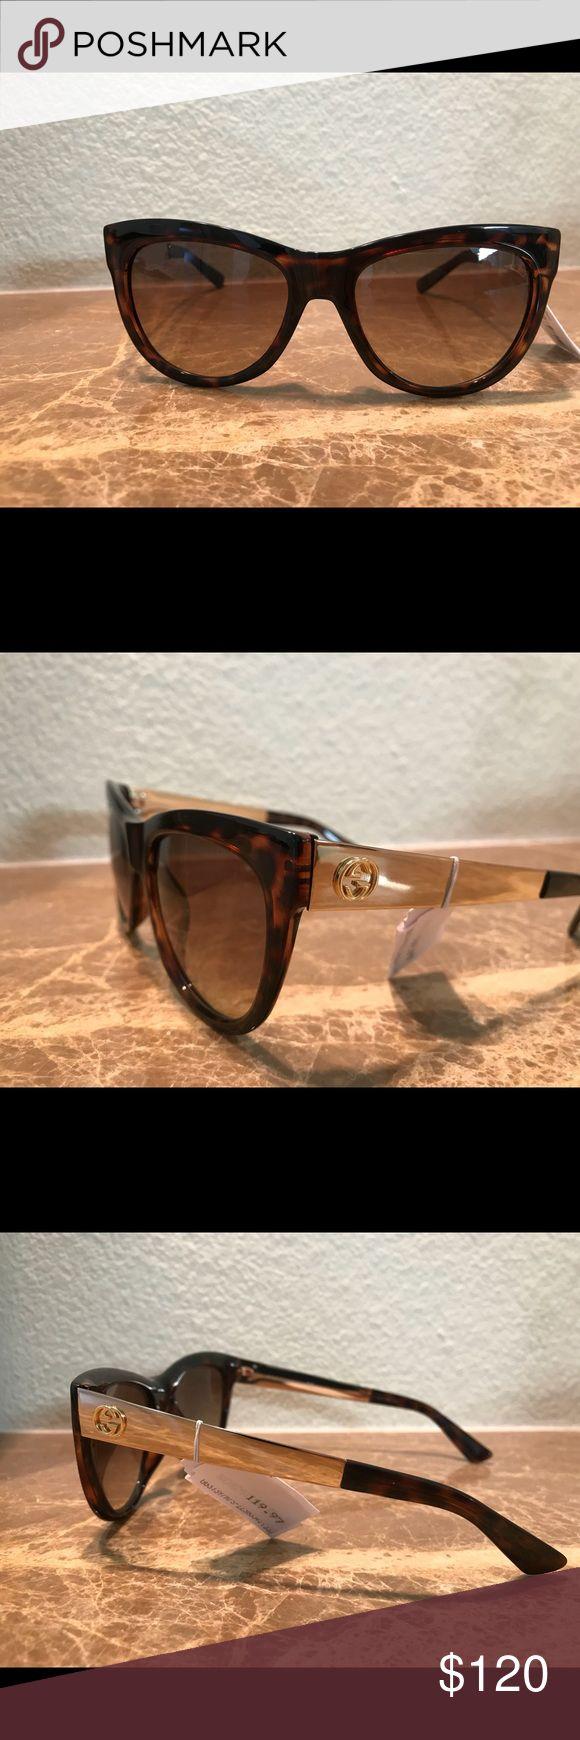 e05e2d041db6 Authentic Gucci Sunglasses On Sale